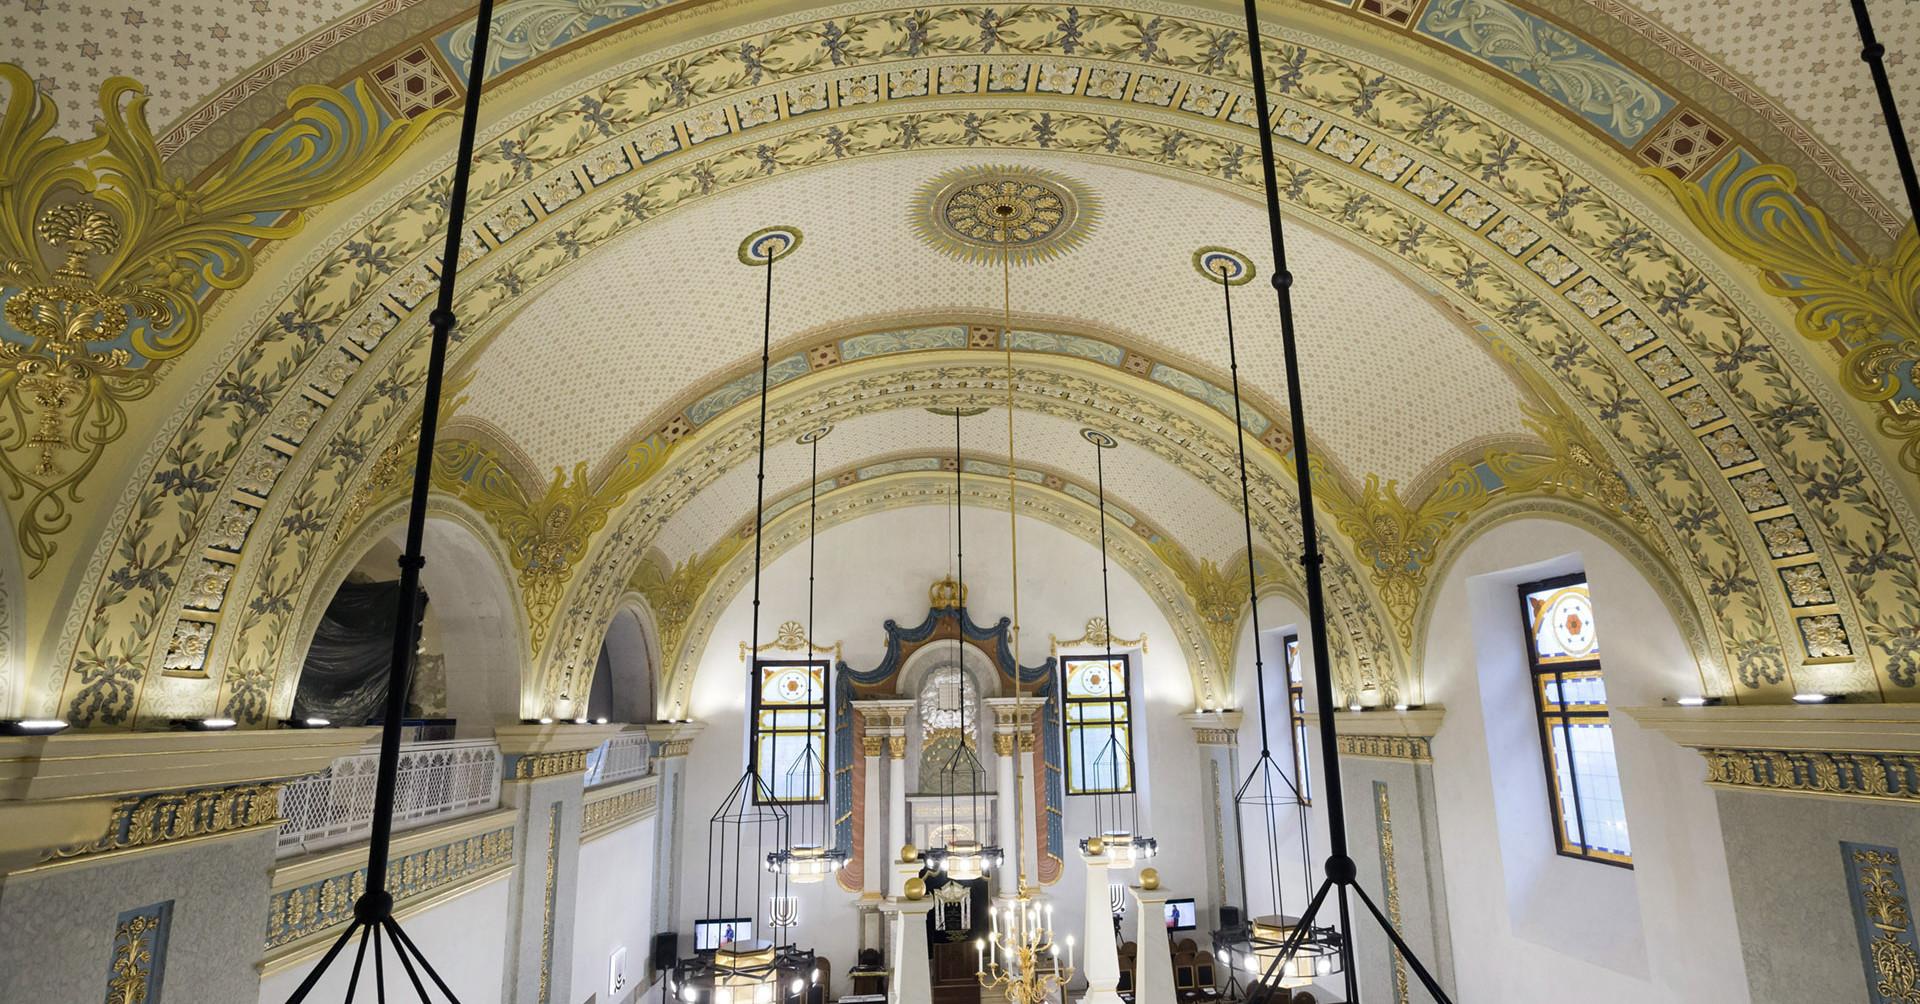 Zsinagógák Hete: vasárnap különleges programok várják a látogatókat